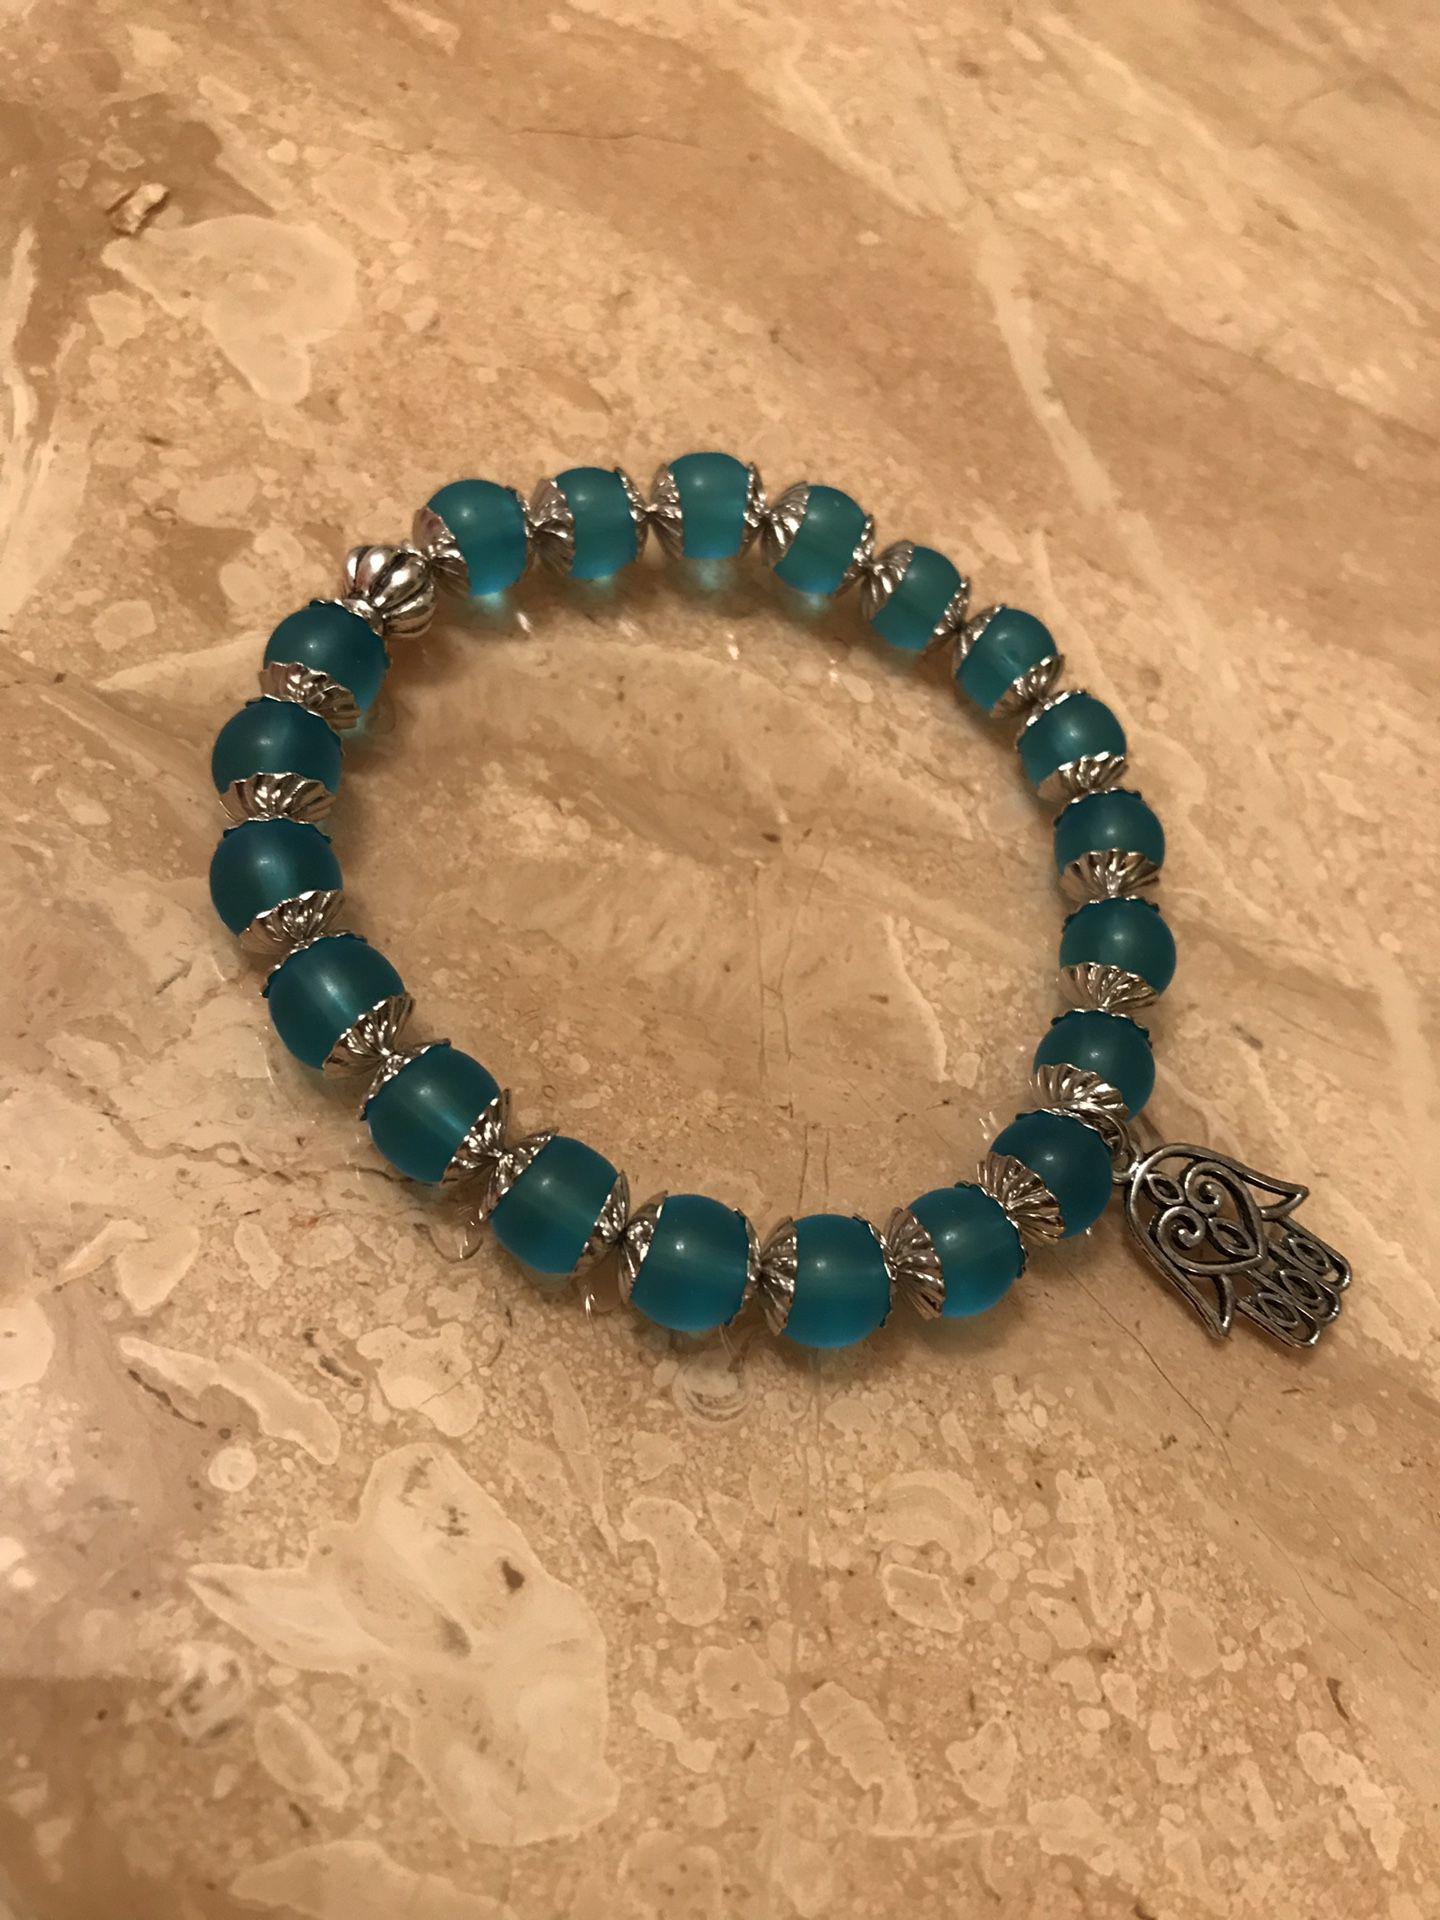 Handmade glass beads bracelet